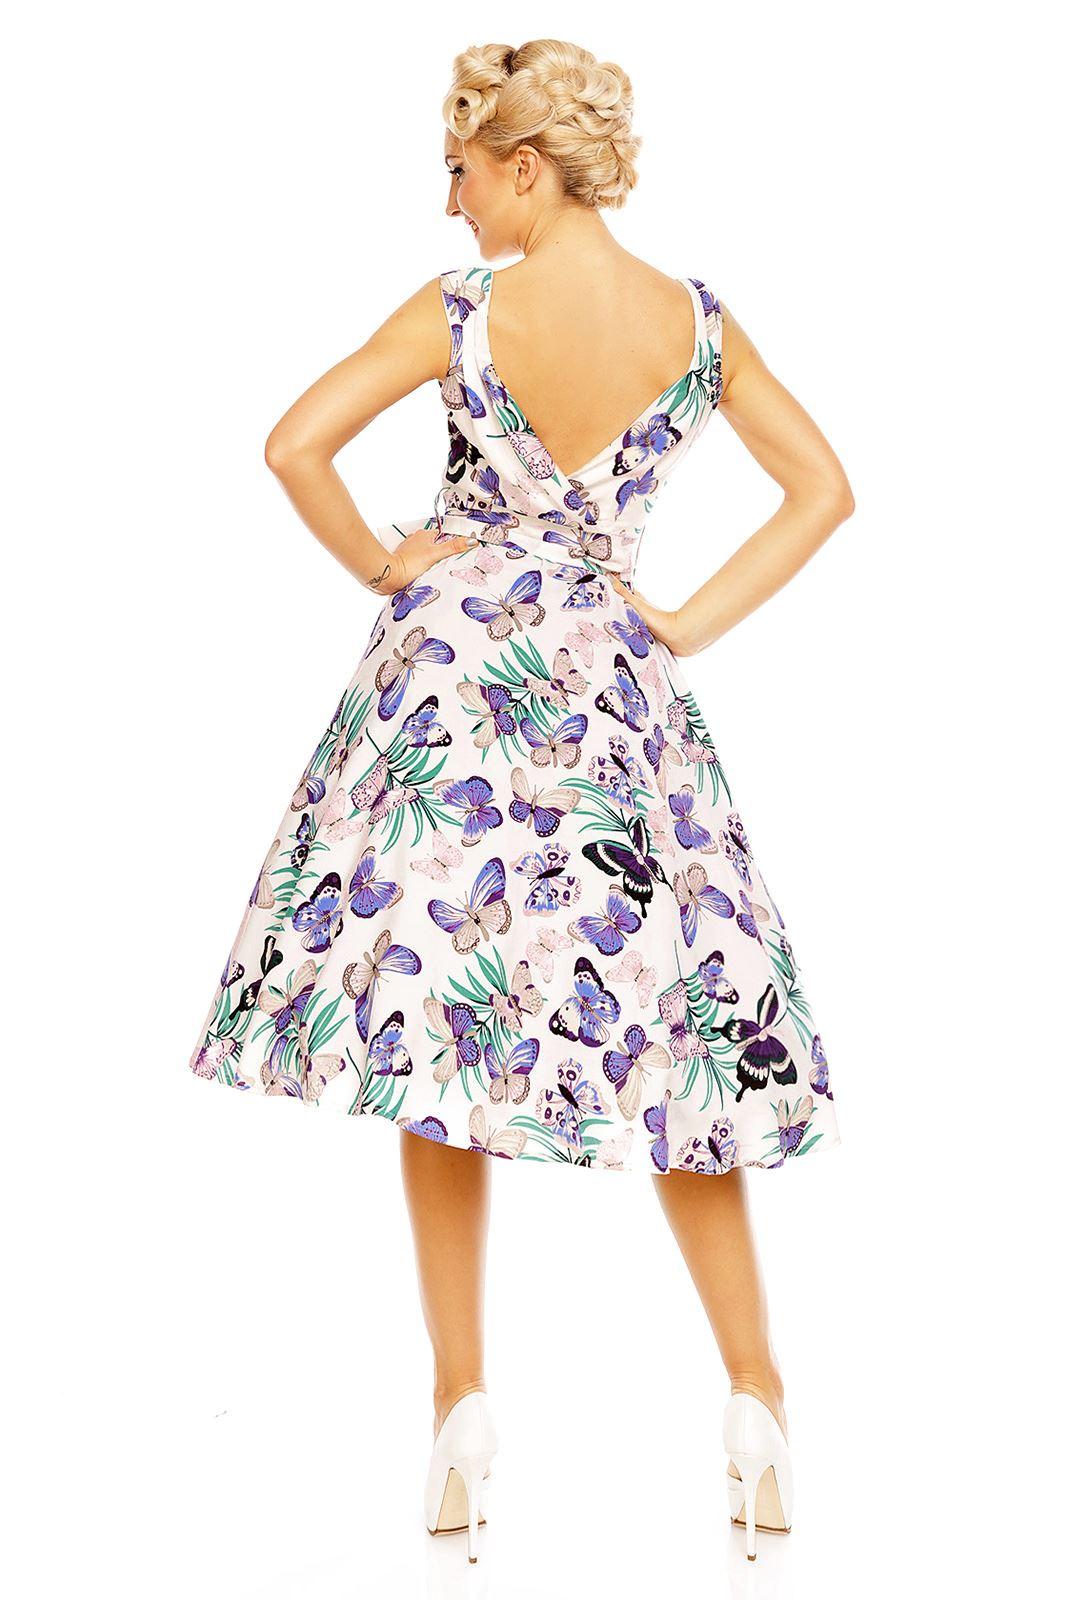 Looking Glam Retro Vintage Schmetterling Drucken kleid Für Frauen